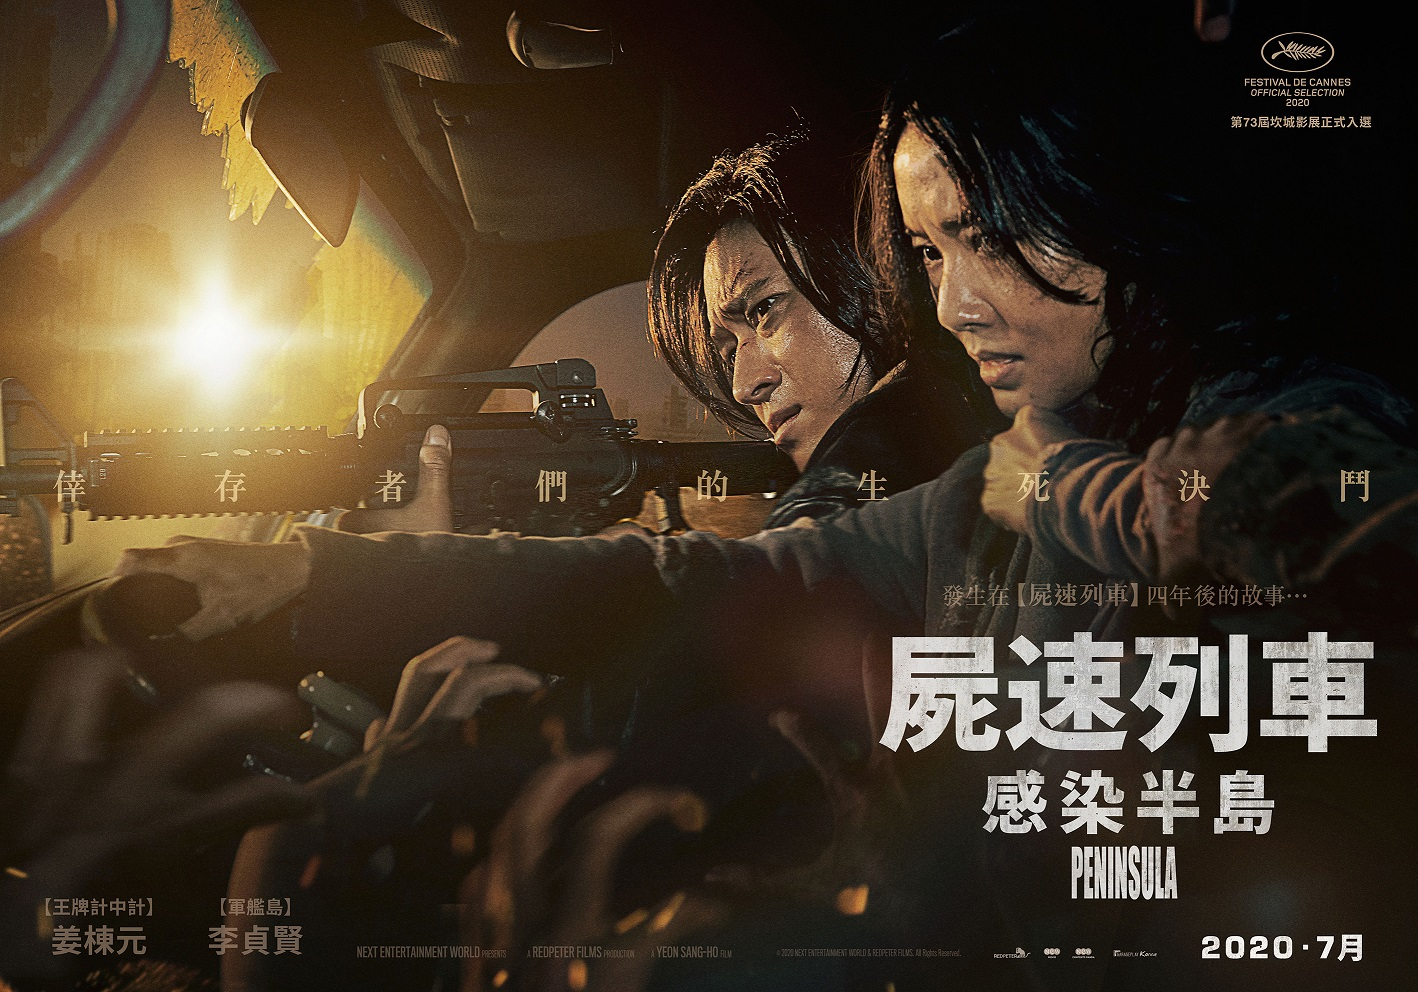 【韓影】車庫娛樂:五年來逐步改變大家既定印象的韓國電影。